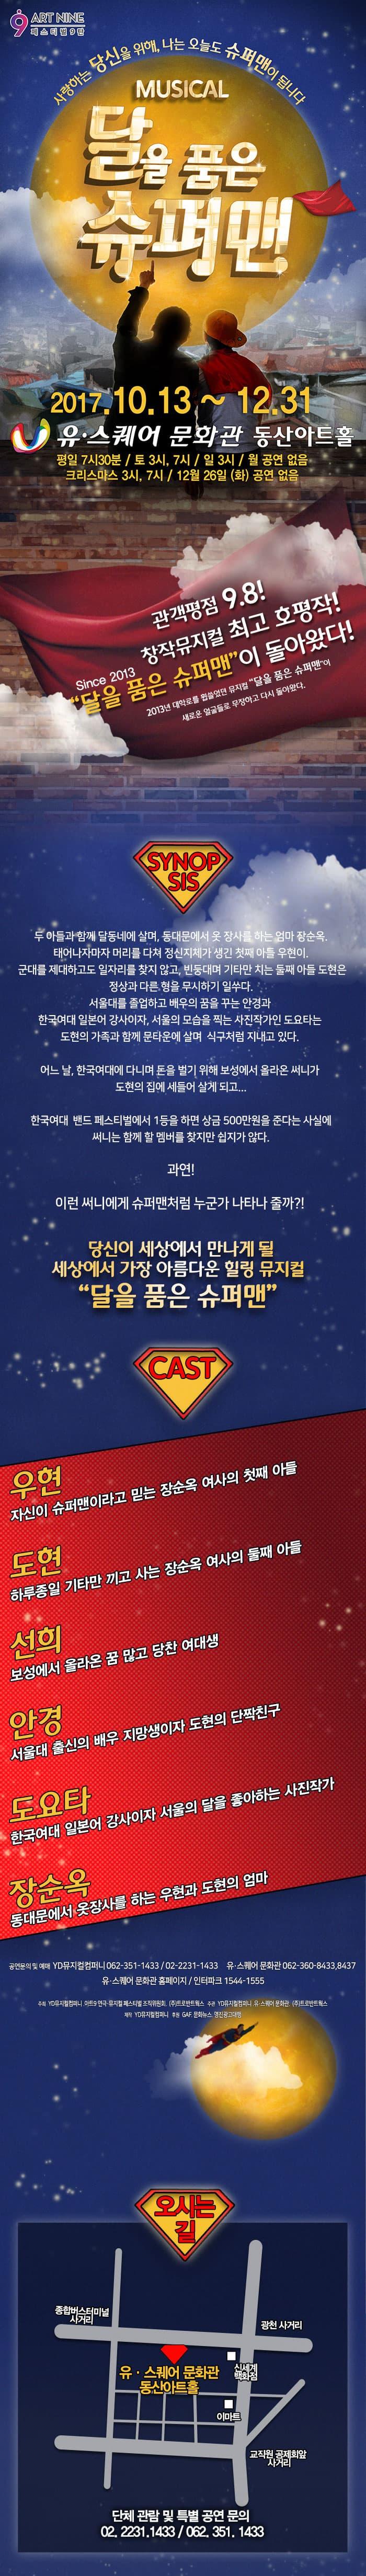 뮤지컬 달을 품은 슈퍼맨 - 광주